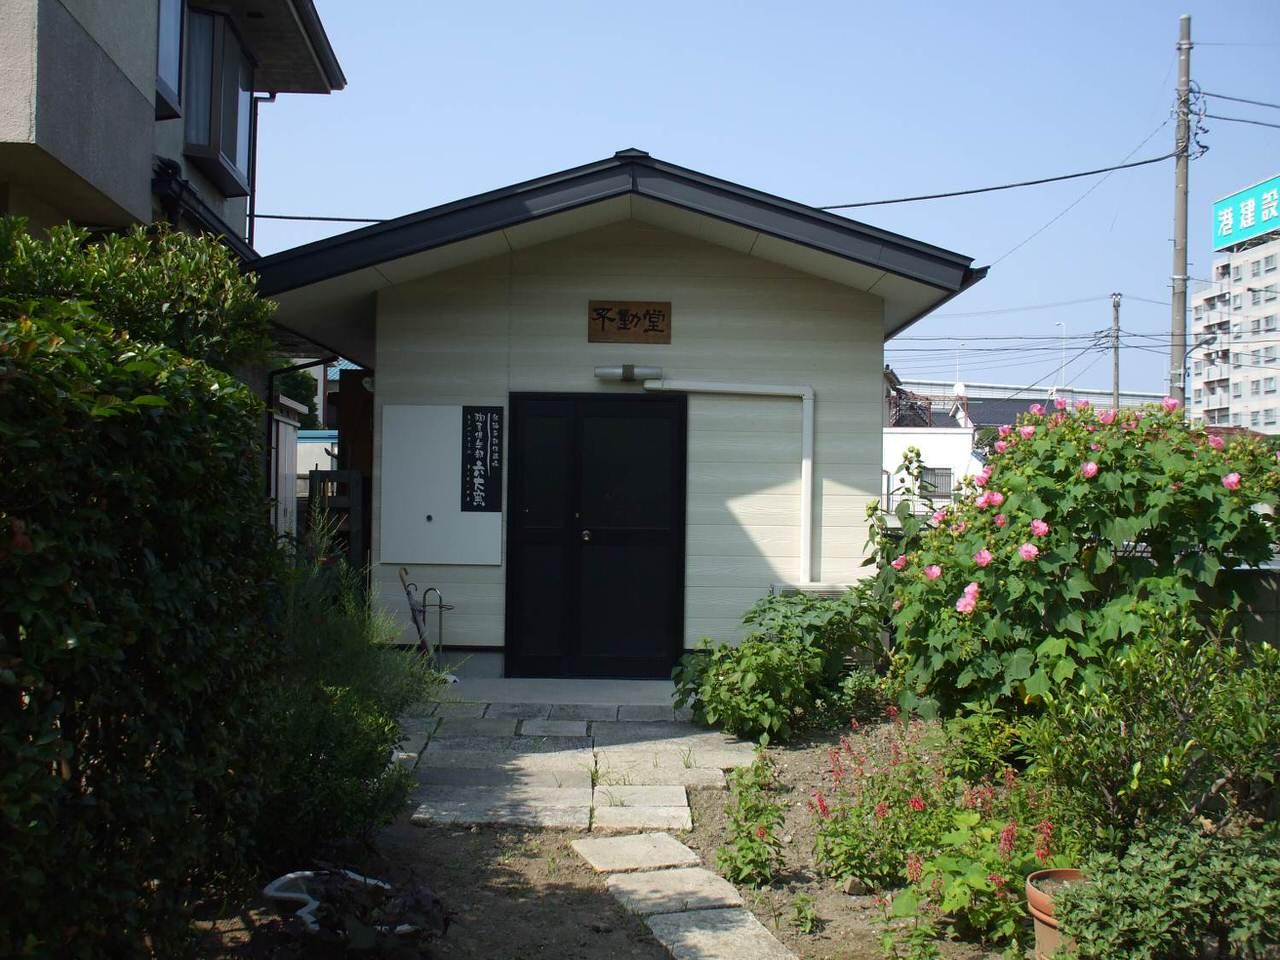 泉福寺 のうこつぼの画像3